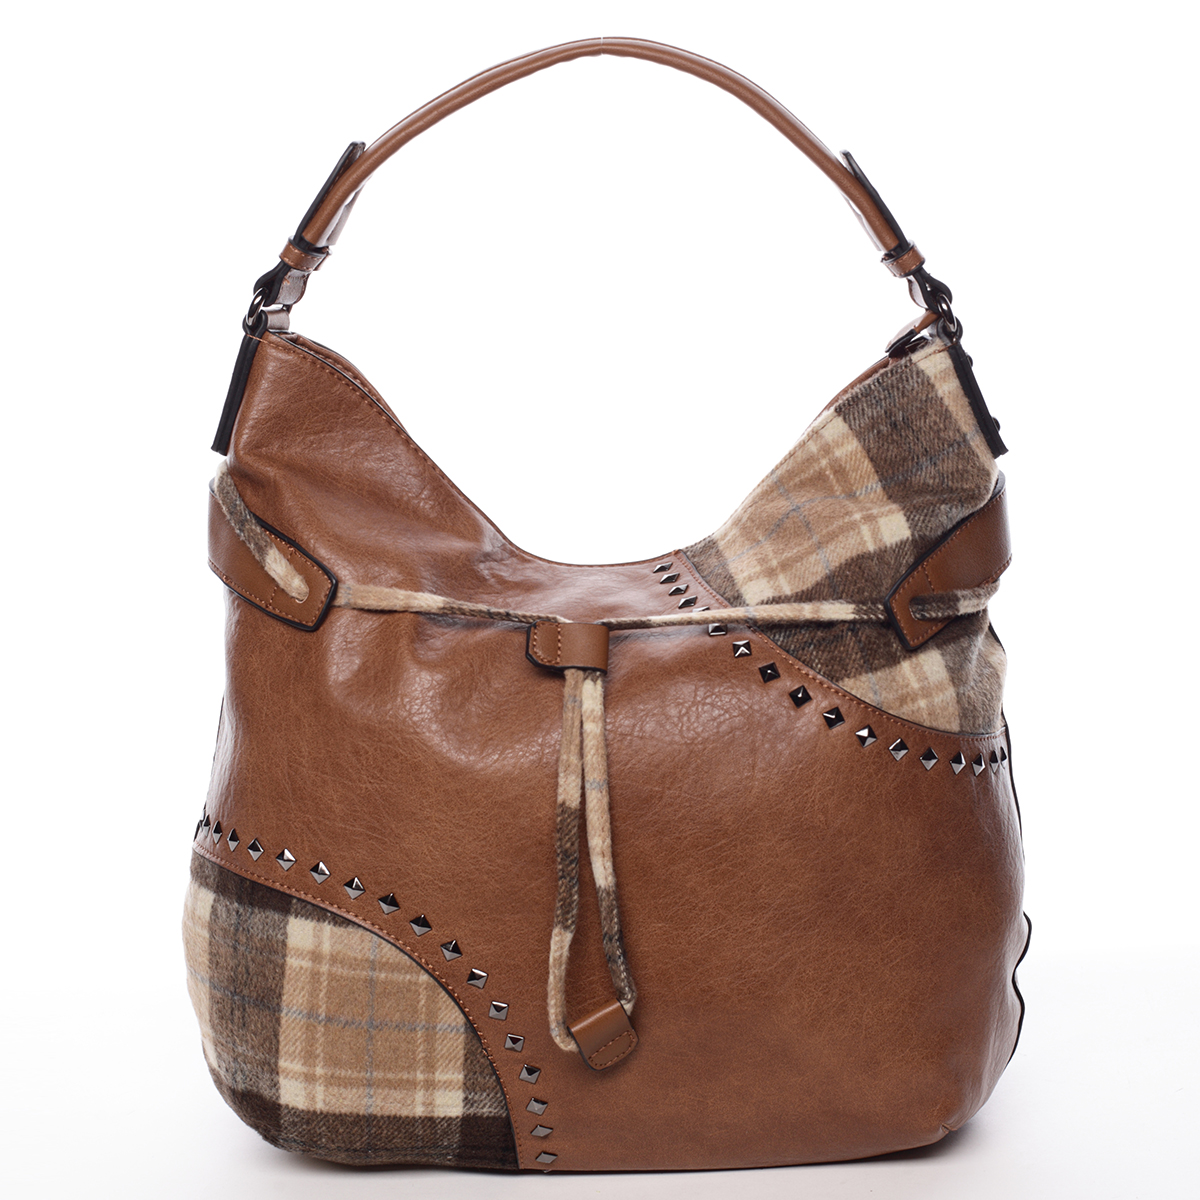 Originálna dámska kabelka hnedá - MARIA C Skyler hnedá